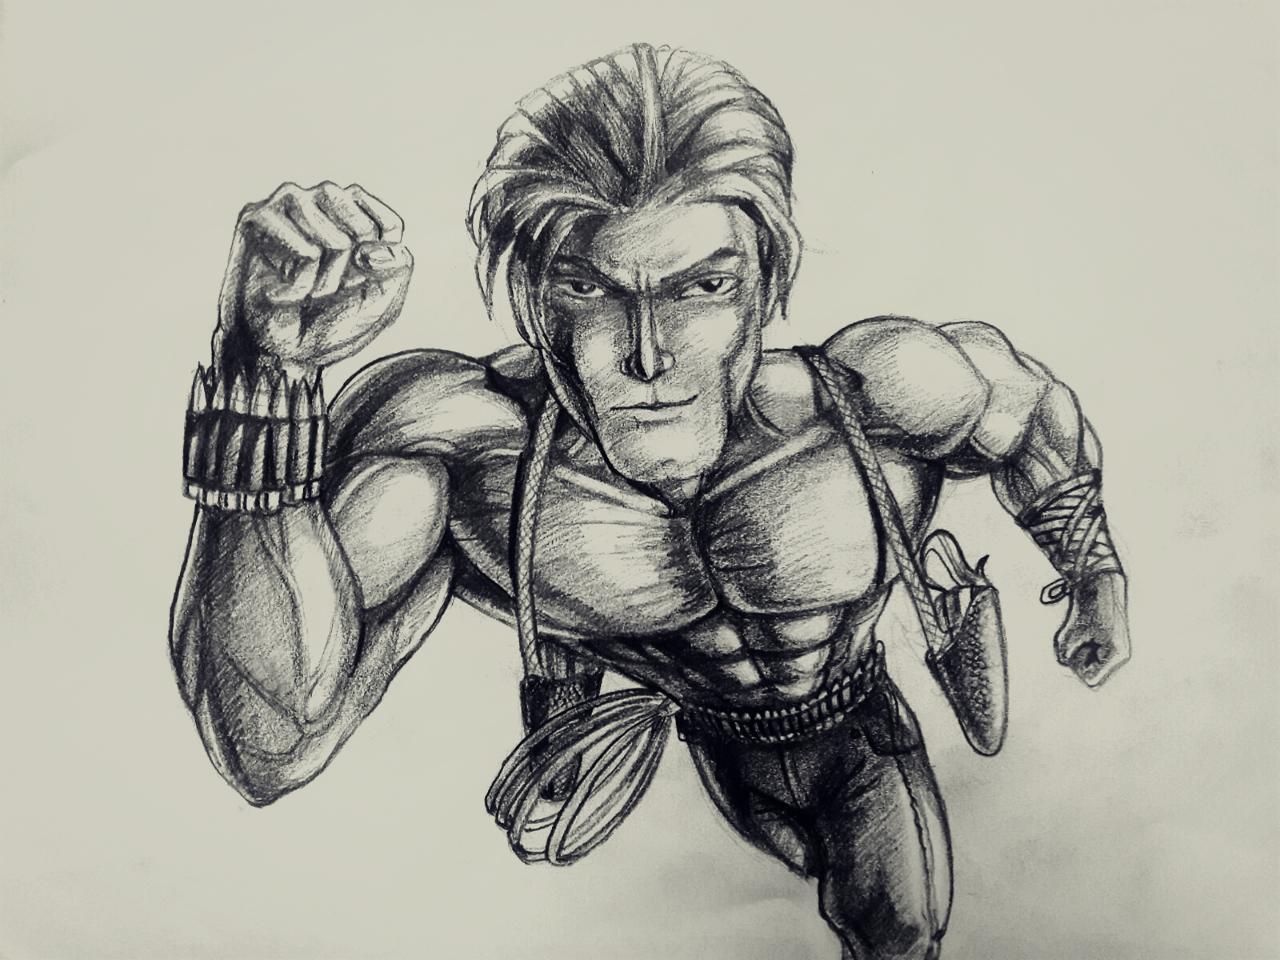 Concept Sketch, by pencil